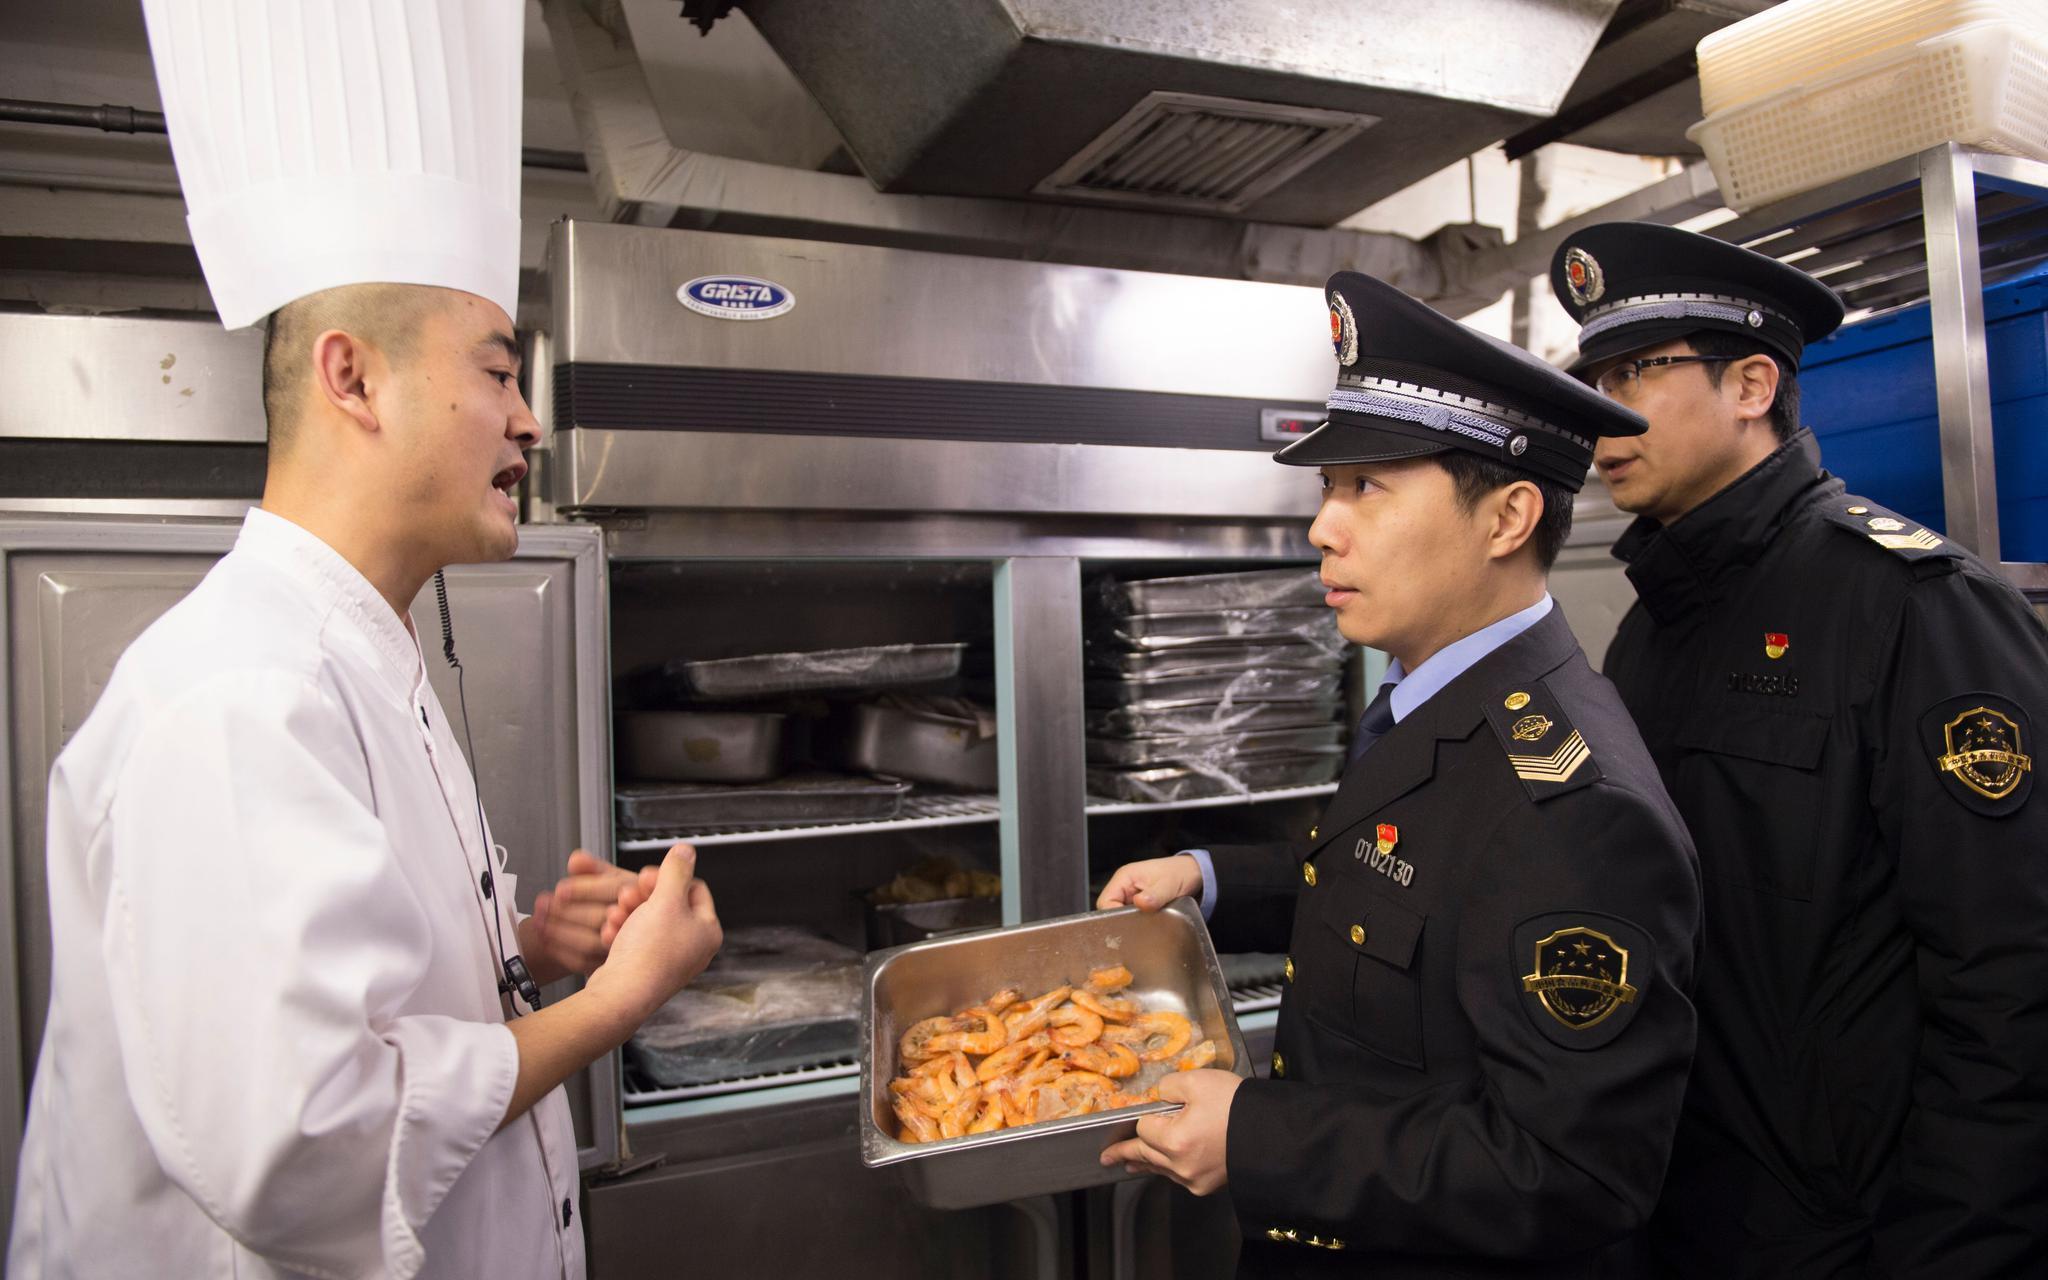 北京开展节前综合检查,涵盖食品、物价等多个领域图片